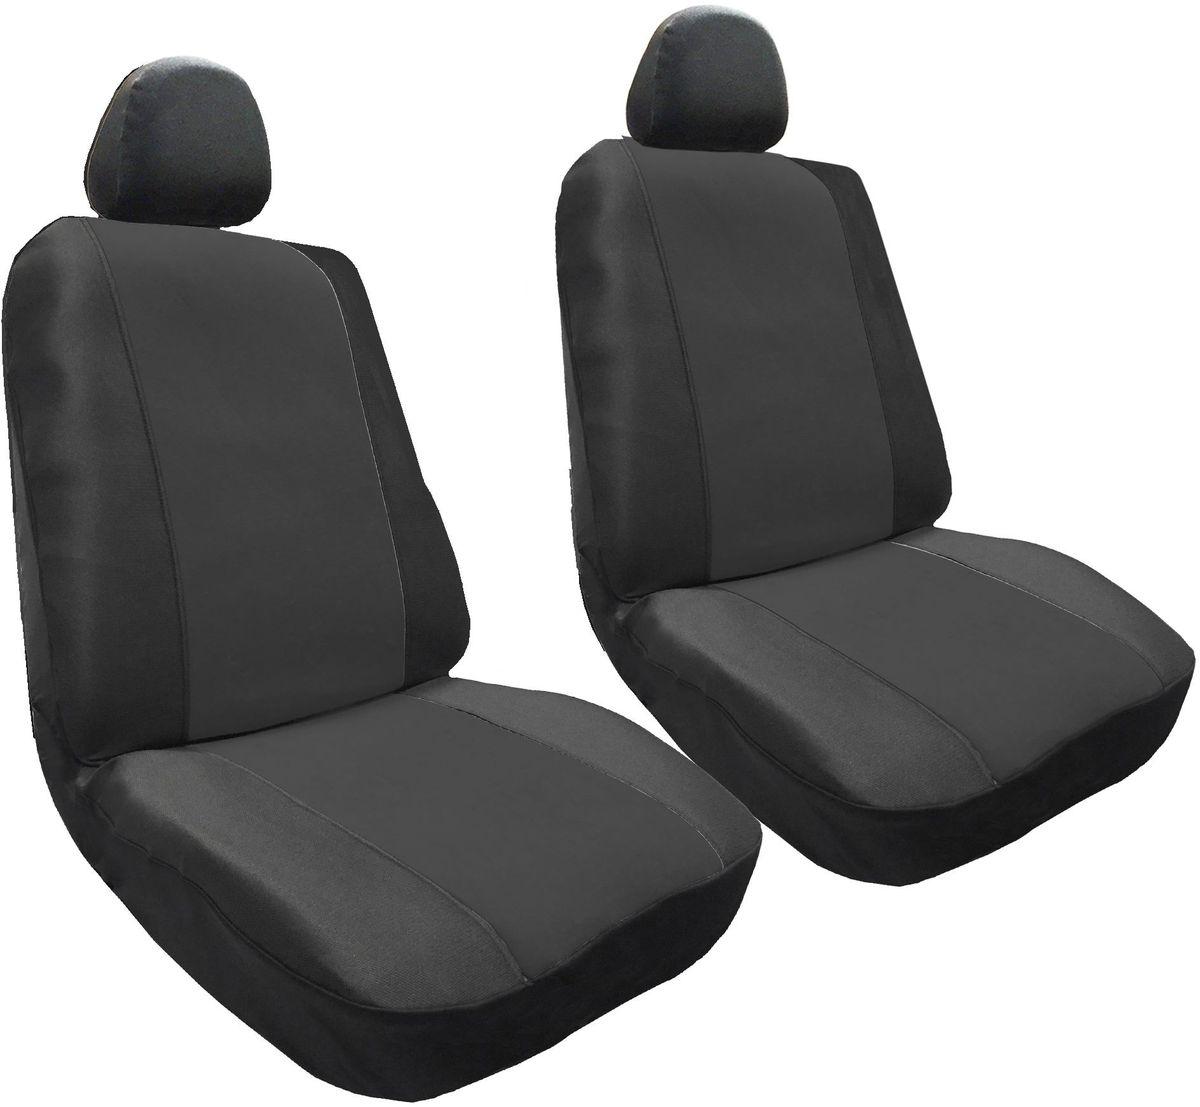 Набор автомобильных чехлов Auto Premium Корвет, цвет: черный, 4 предмета57304Комлект универсальных чехлов на передние сиденья выполнен из велюра, предназначен для передних кресел автомобиля. В комплект входят съемные чехлы для подголовников .Практичный и долговечный комплект чехлов для передних сидений надежно защищает сиденье водителя и пассажира от механических повреждений, загрязнений и износа.